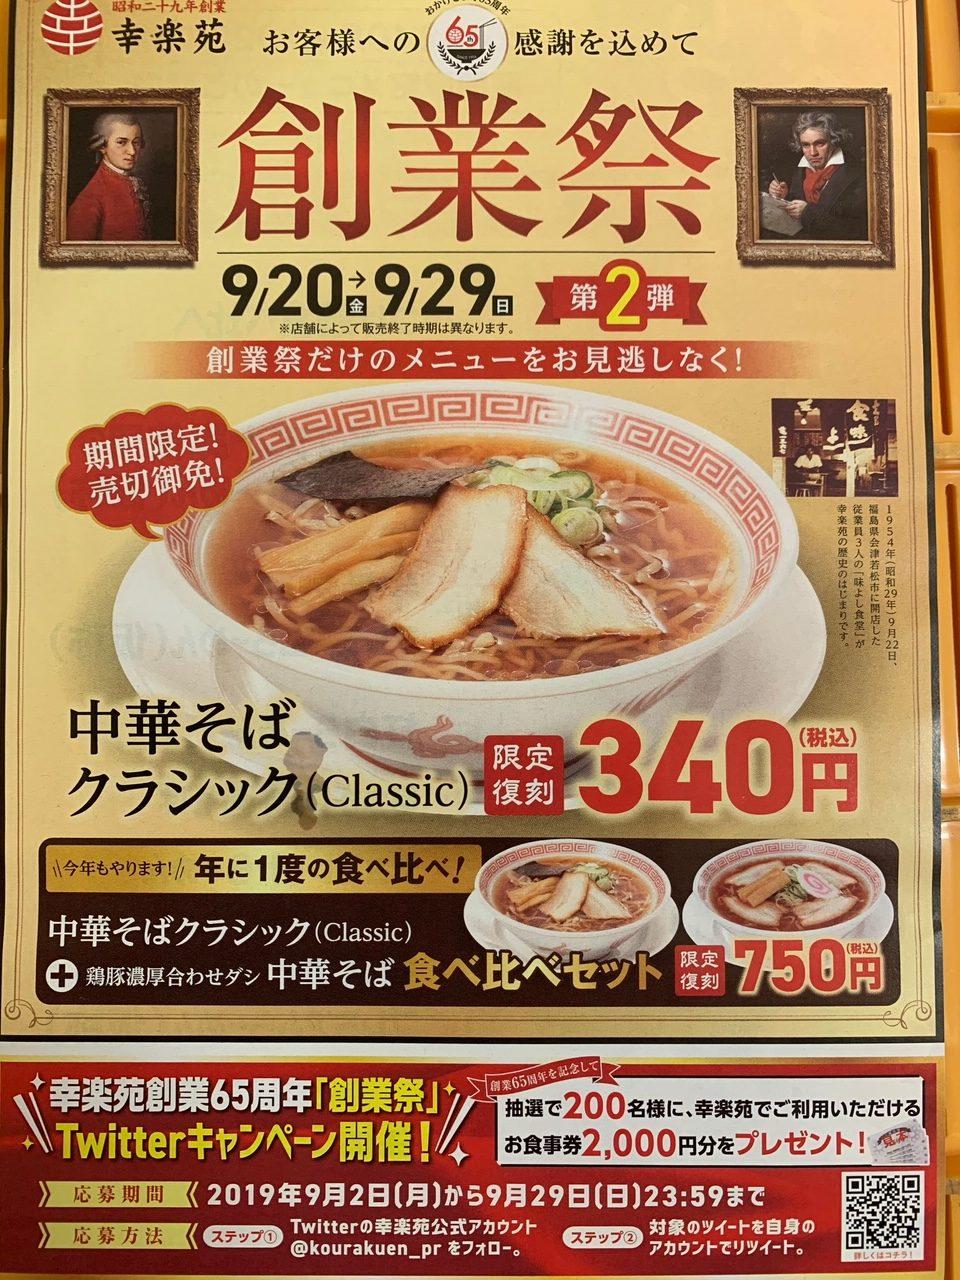 幸楽苑 10 円